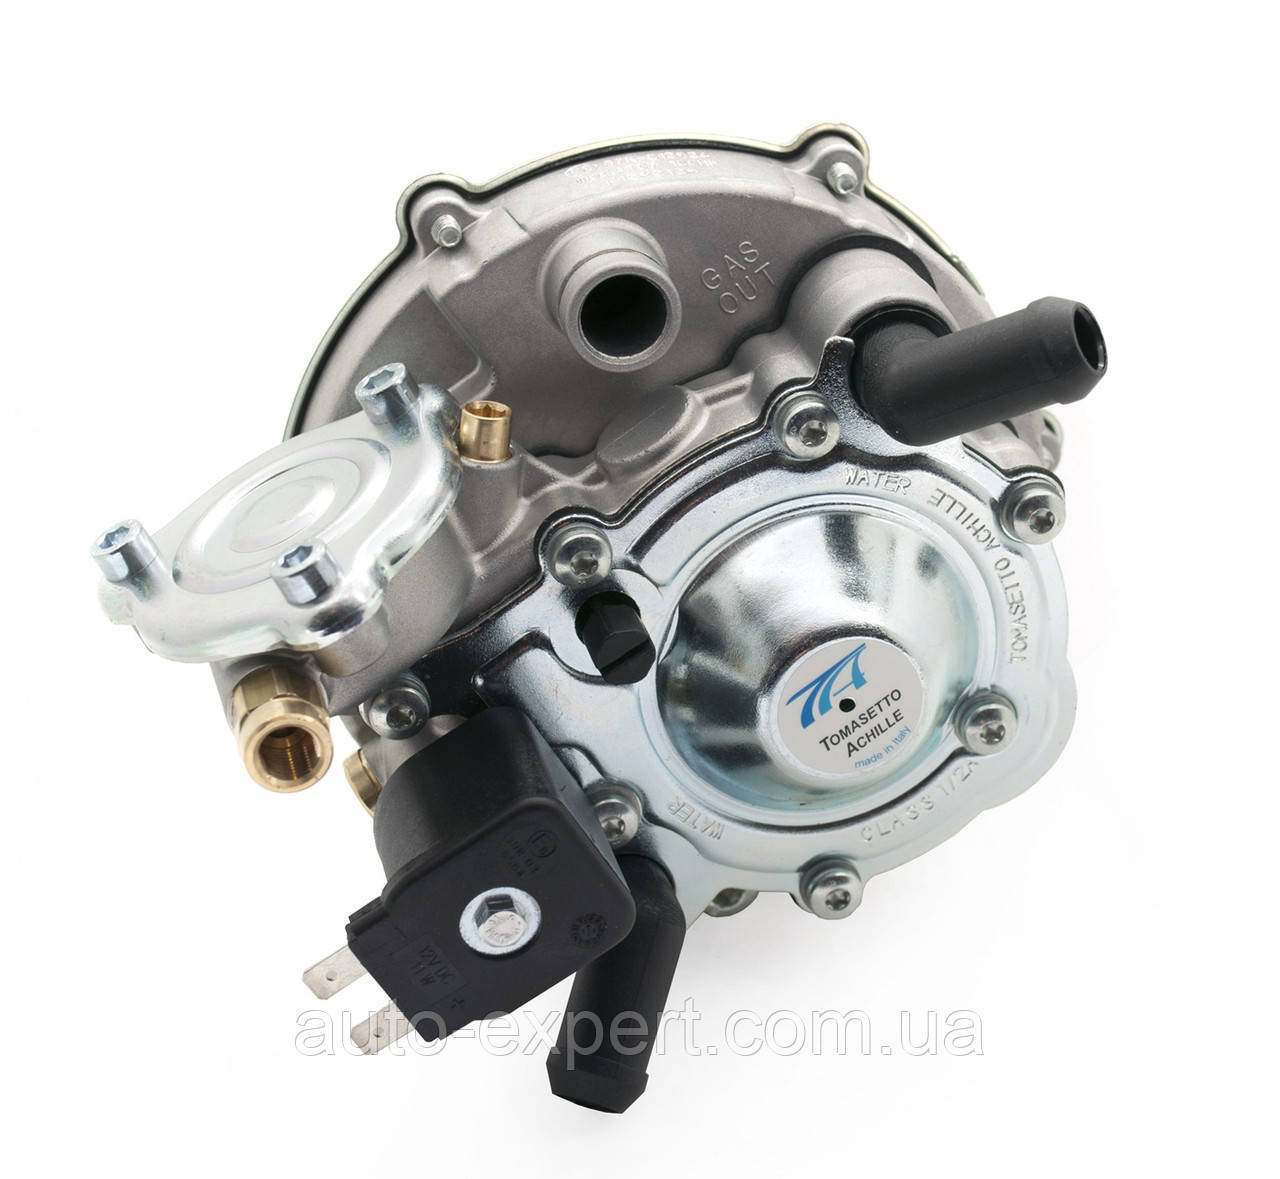 Газовый редуктор Tomasetto AT-07 до 100 л.с. (RGTA3500)